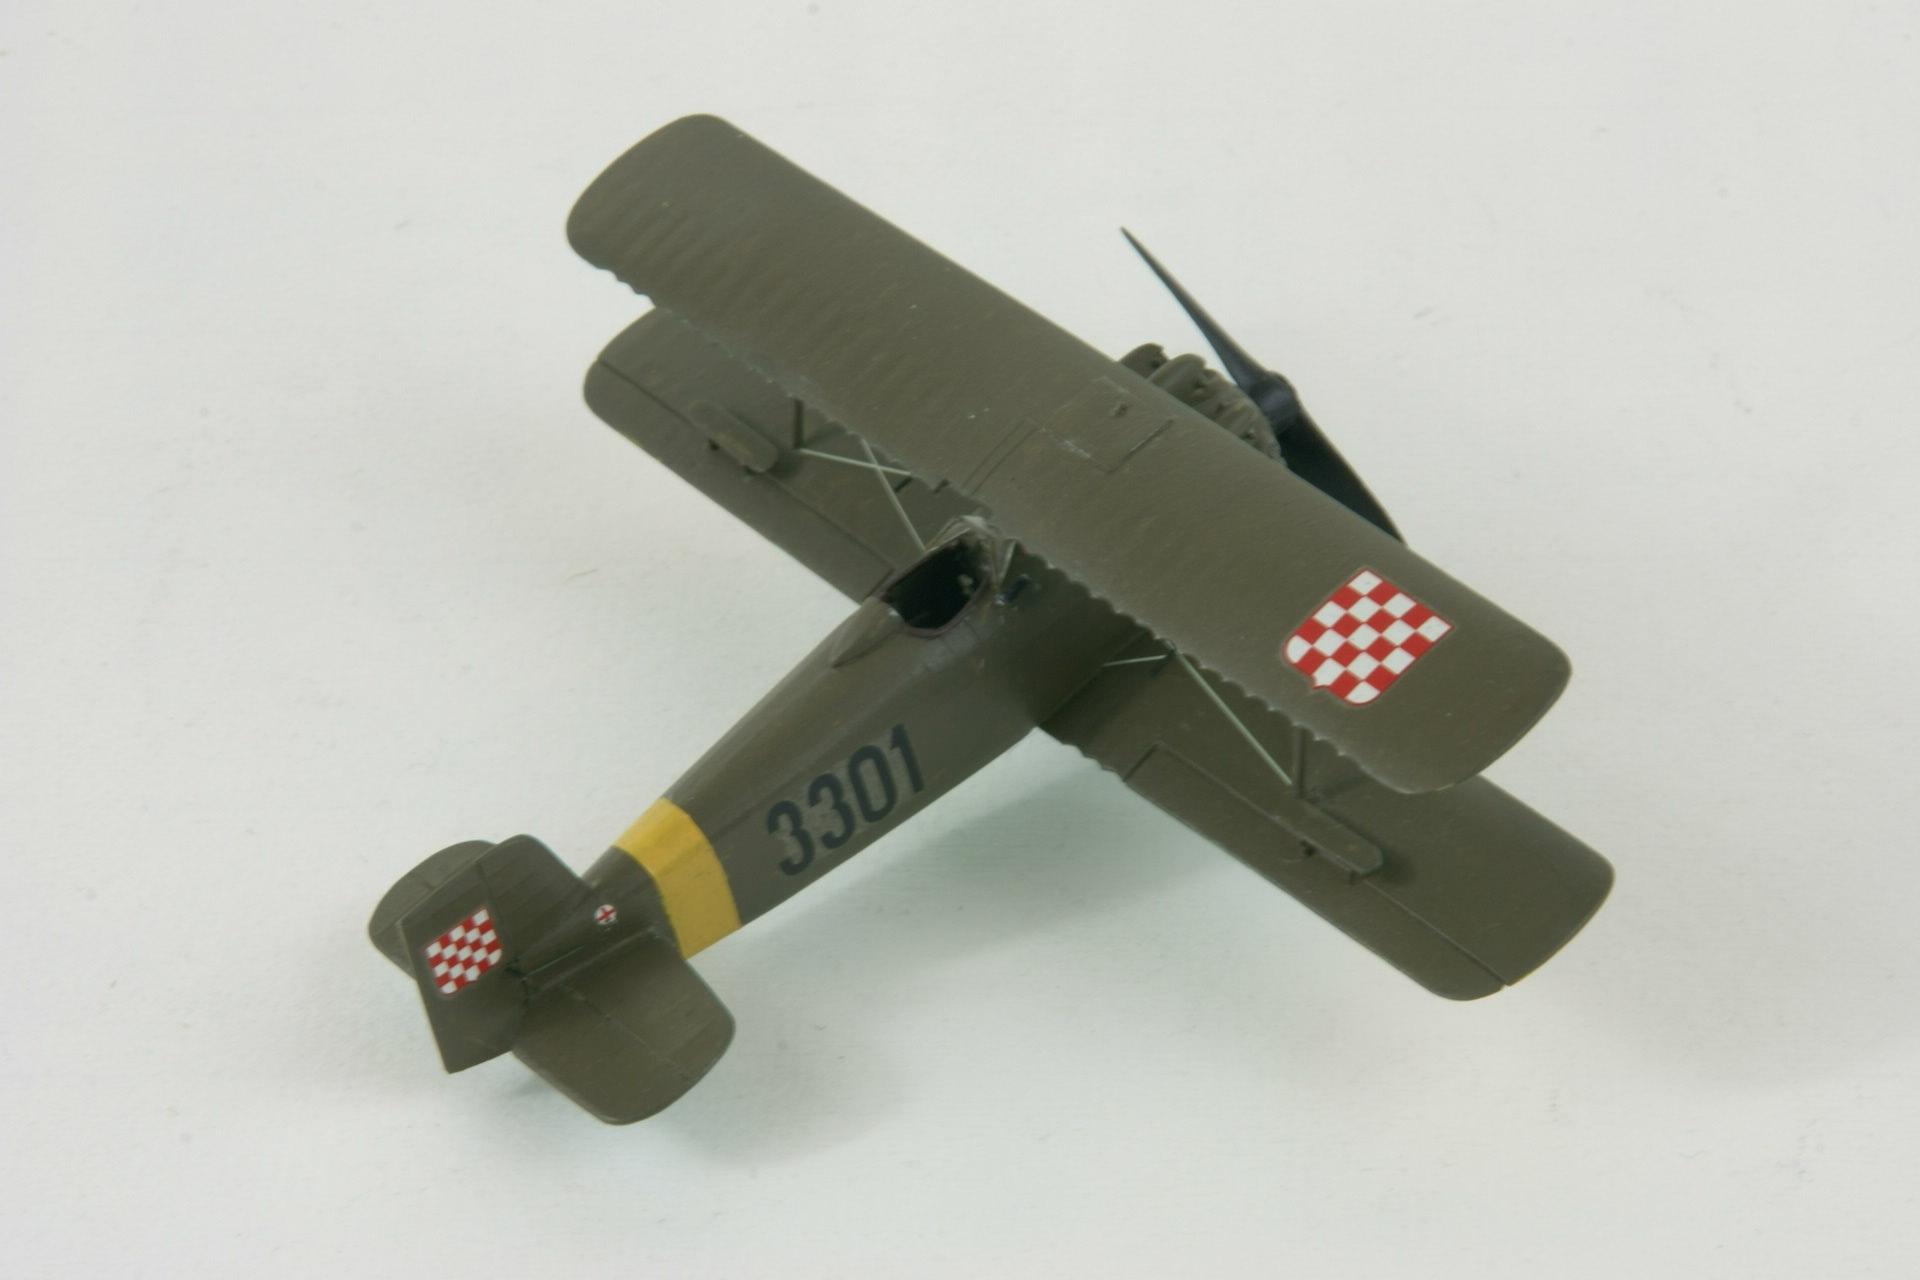 Avia bh 33e 3 1